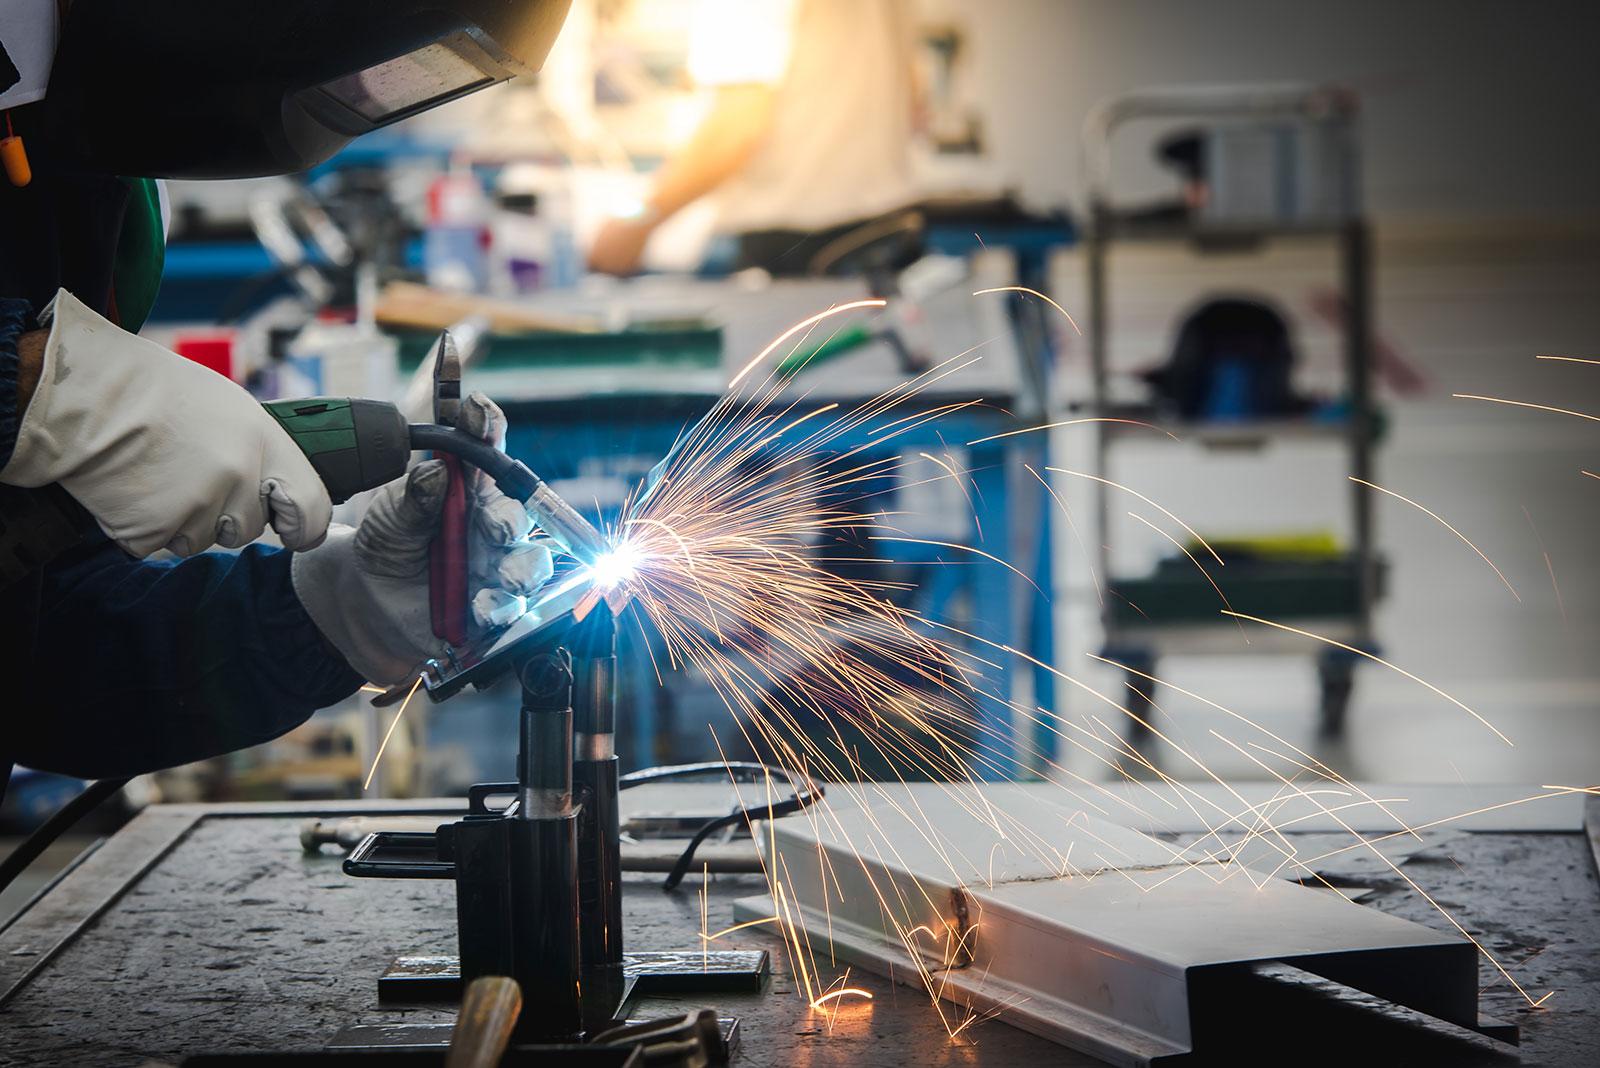 Willkommen bei der MAB Metall- und Anlagenbau GmbH